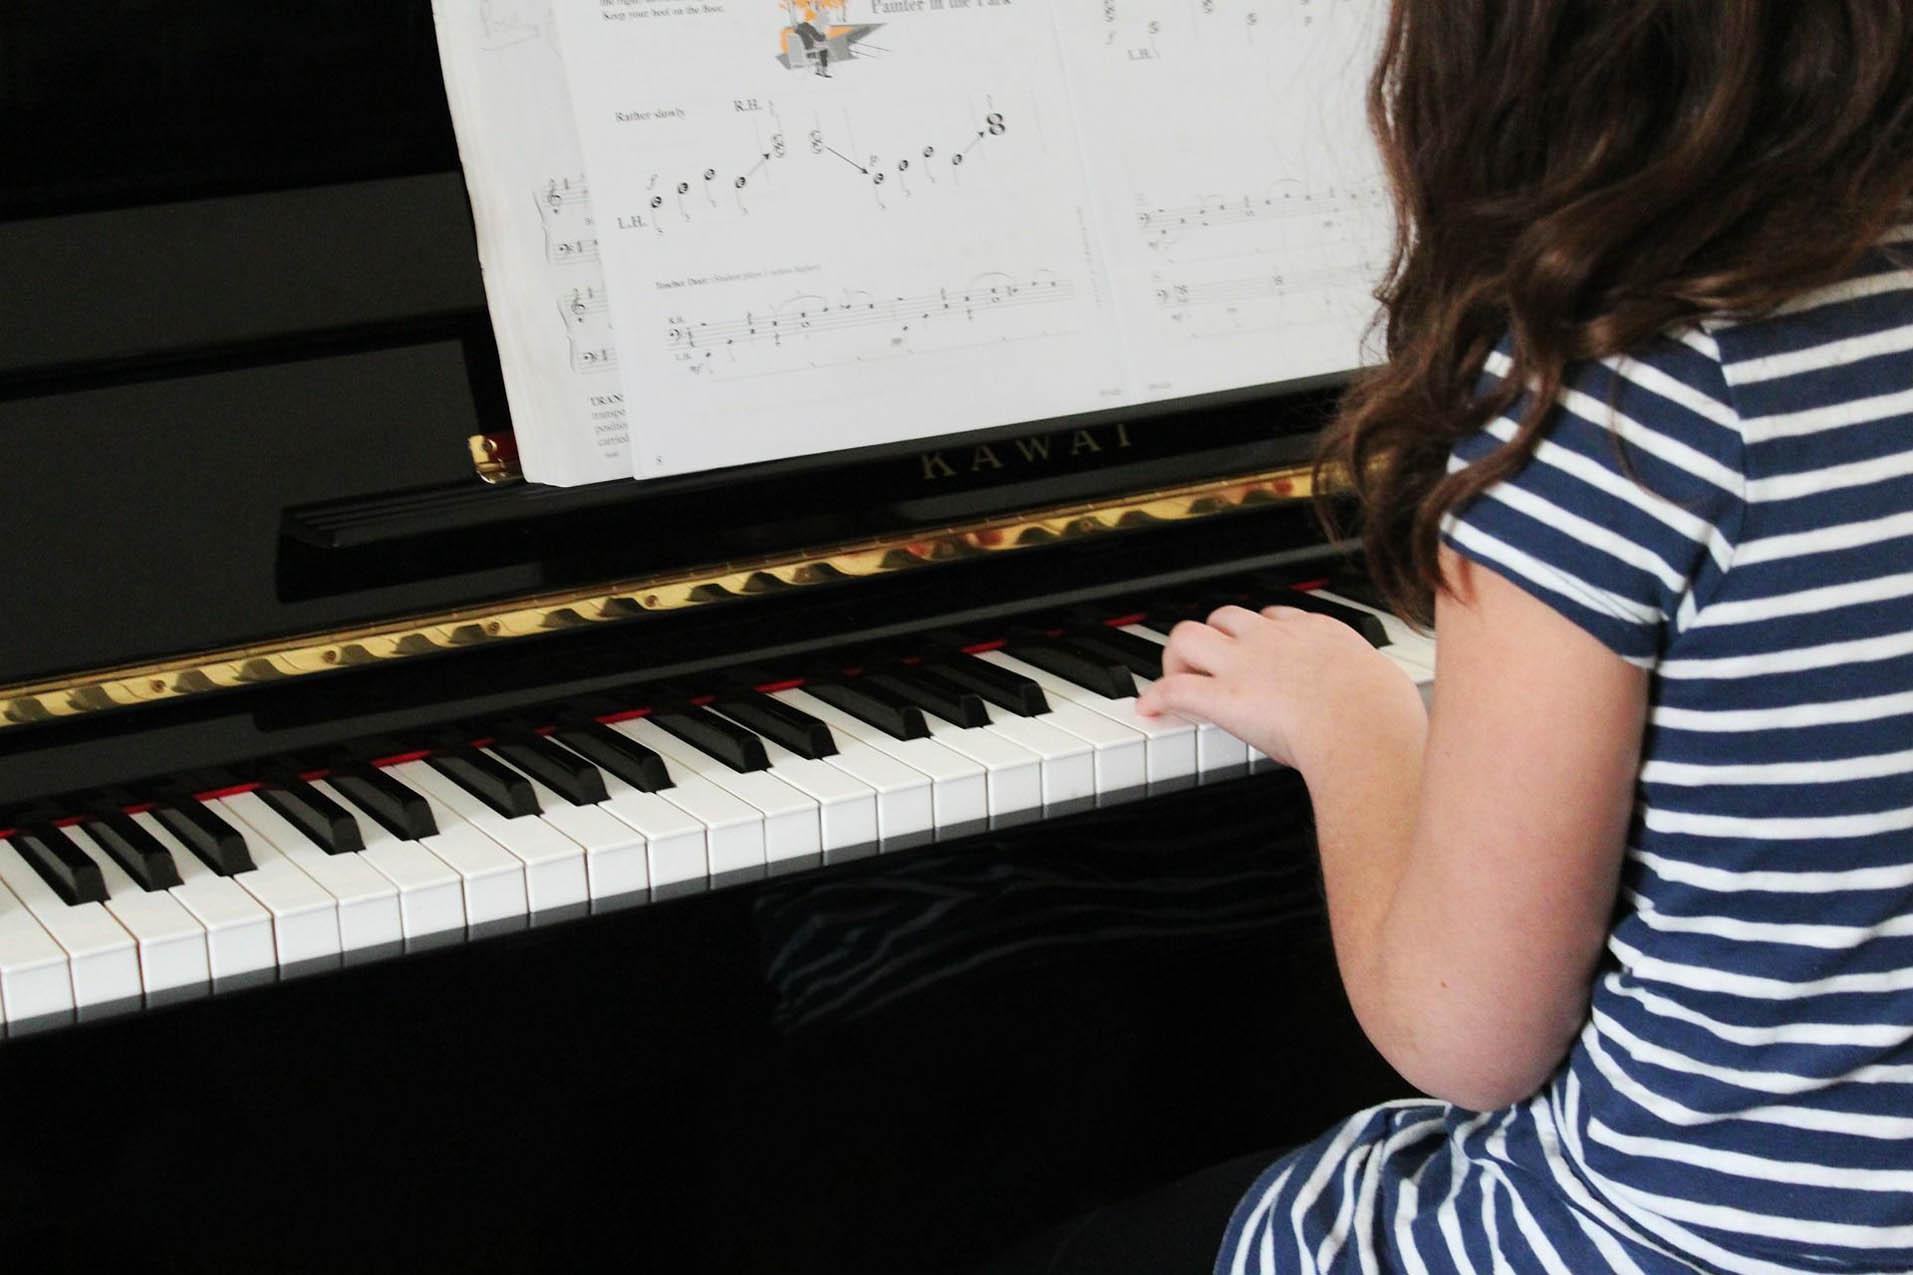 scuola di musica cmp pianoforte